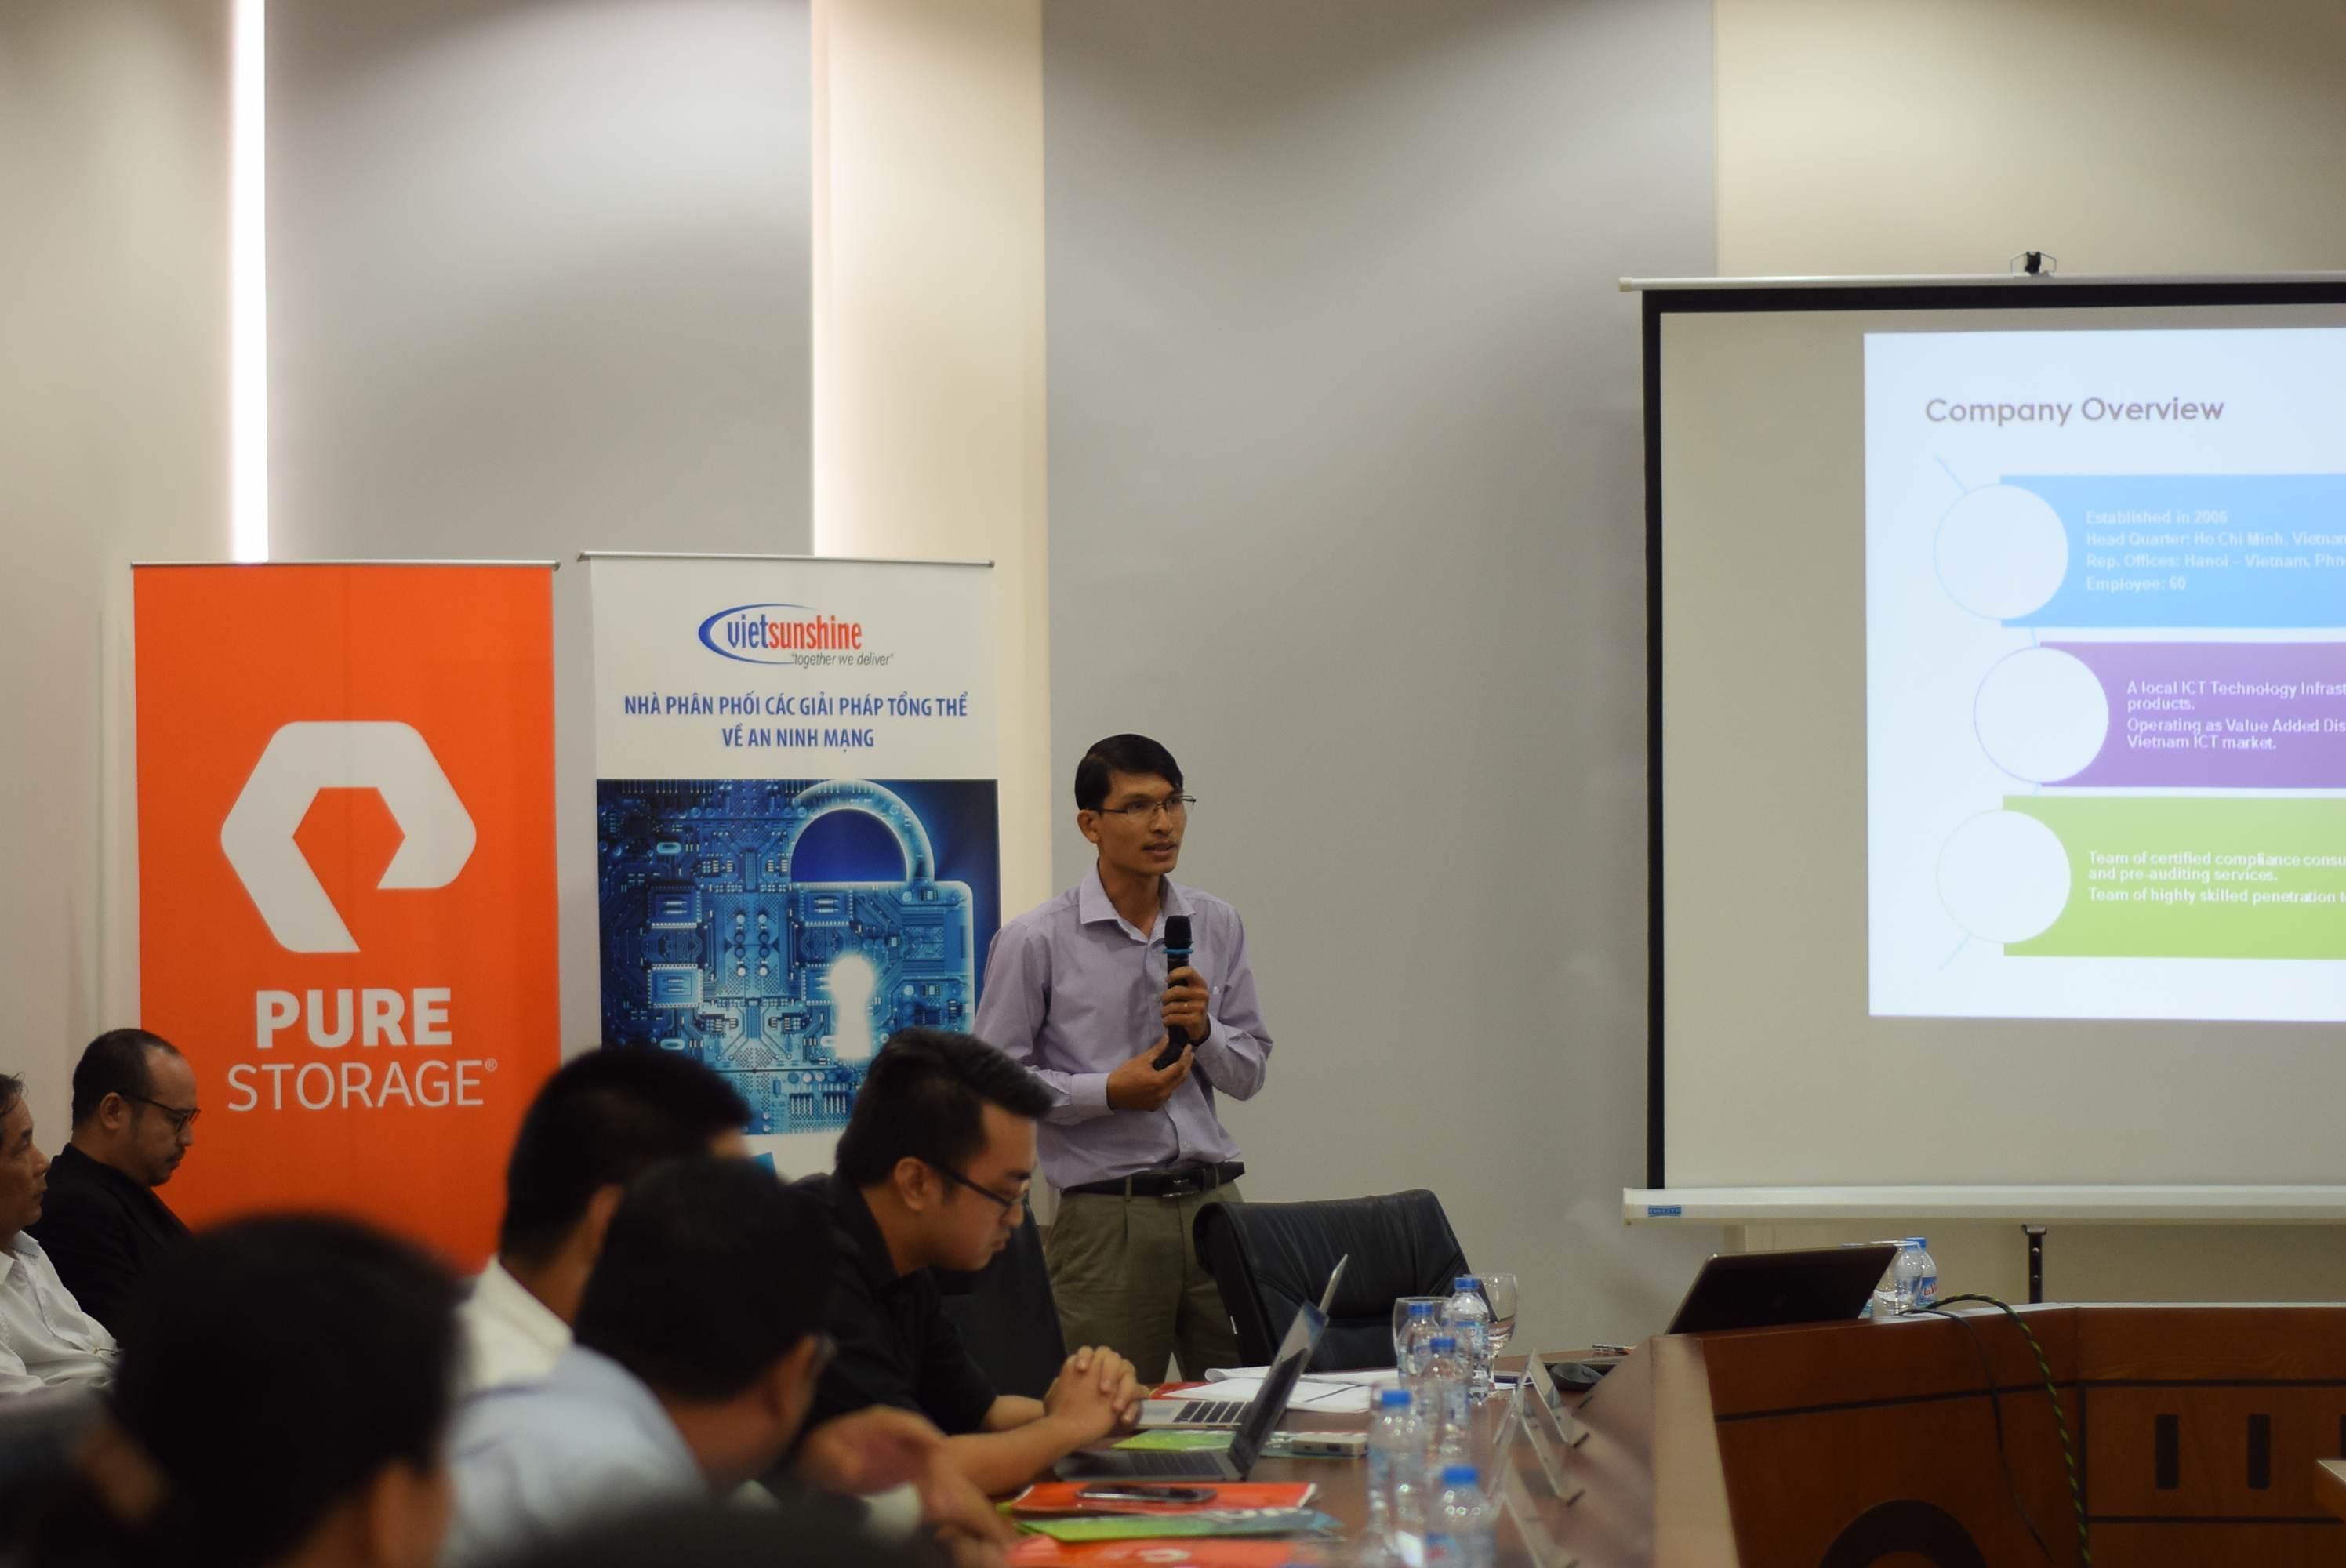 ông Võ Duy Khang, trưởng nhóm phụ trách sản phẩm của VietSunshine